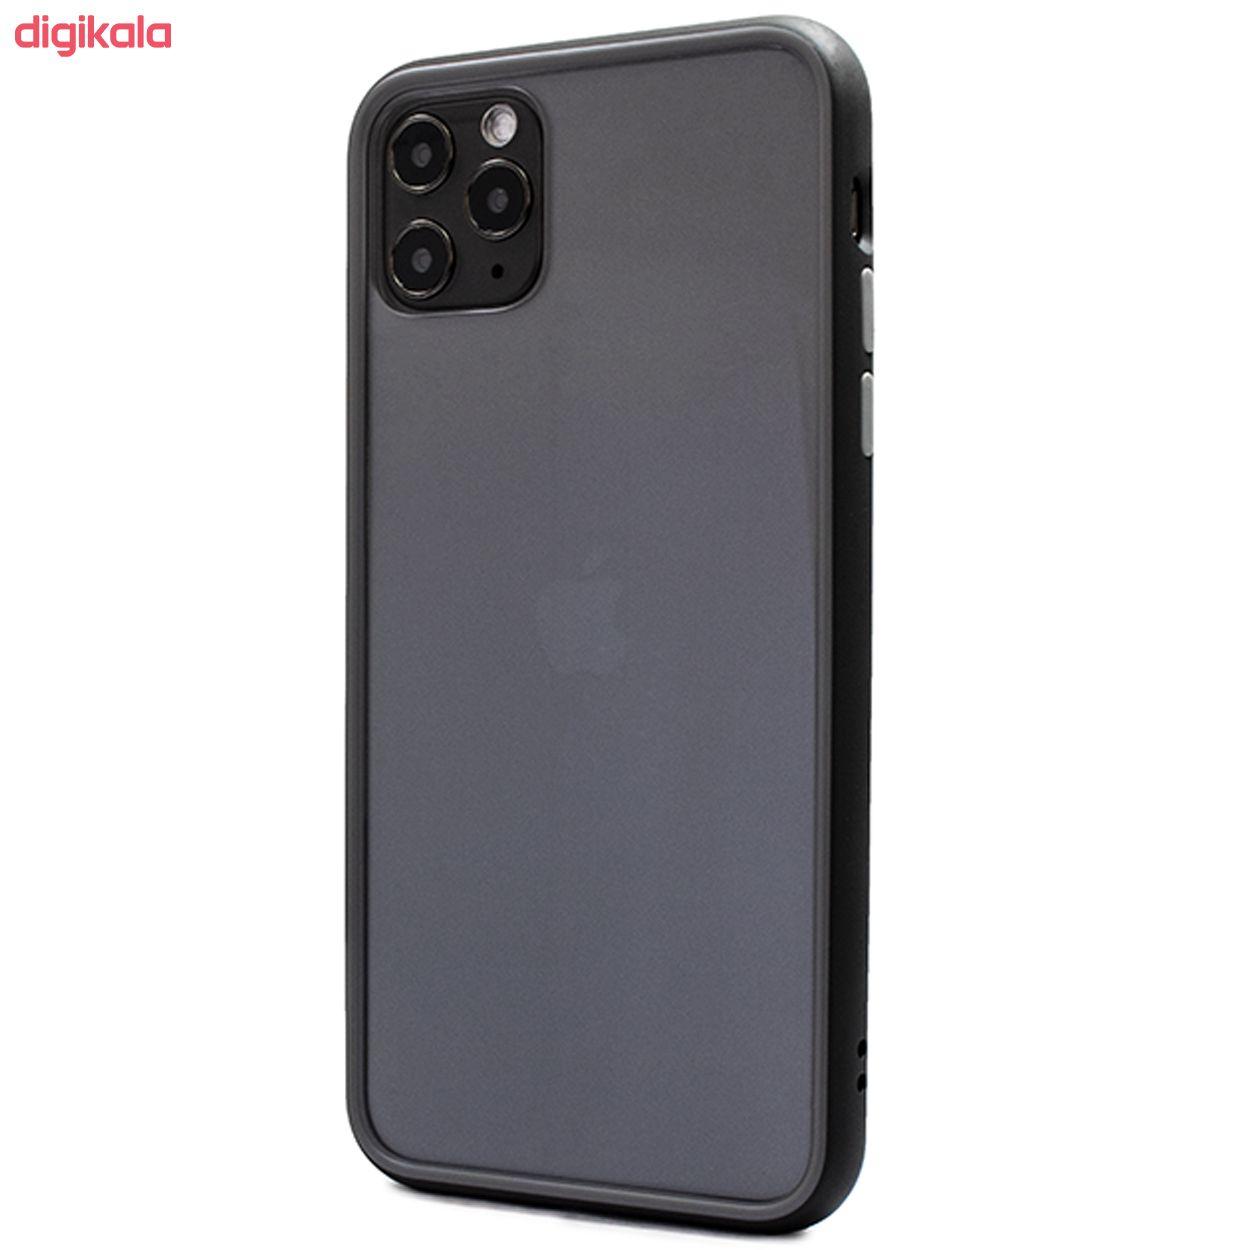 کاور مجیک مسک مدل Barbados مناسب برای گوشی موبایل اپل IPhone 11 Pro Max main 1 1